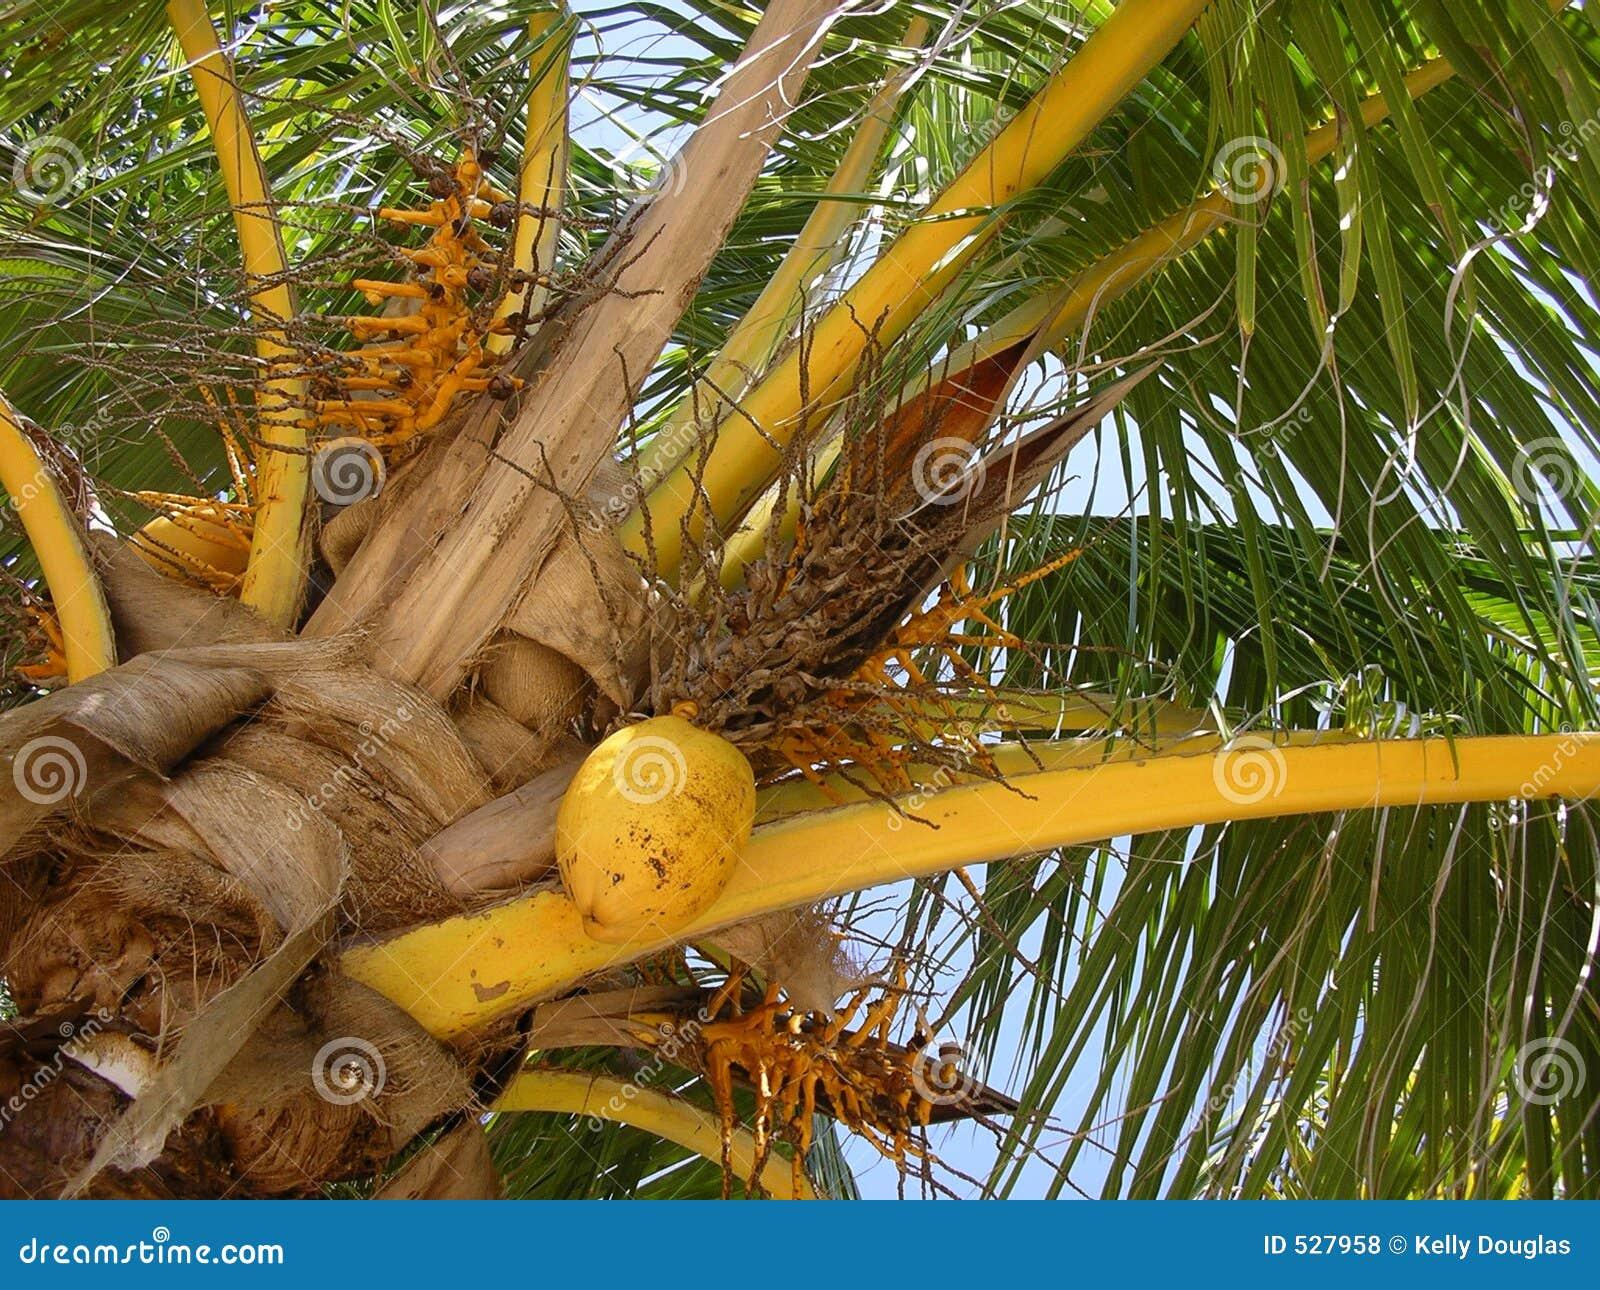 Download 可可椰子 库存照片. 图片 包括有 叶子, 放松, 照亮, 椰子, 黄色, 结构树, 火箭筒, 晴朗, 热带 - 527958